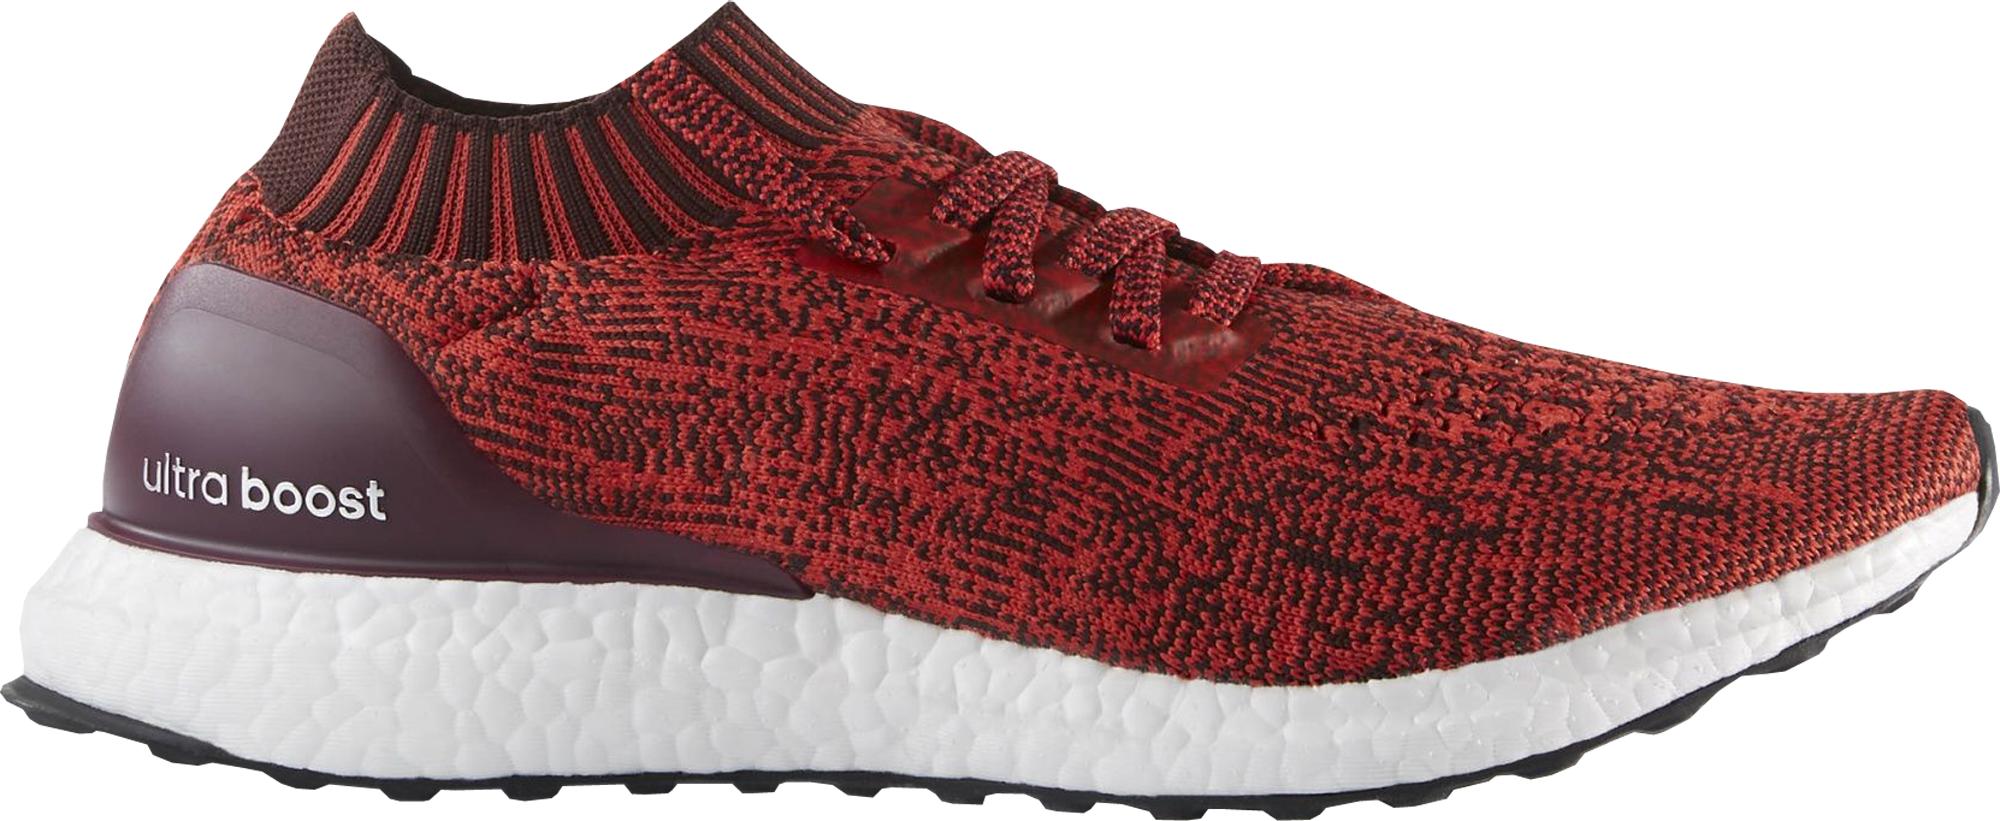 Adidas ultra impulso scarpe più chiedere